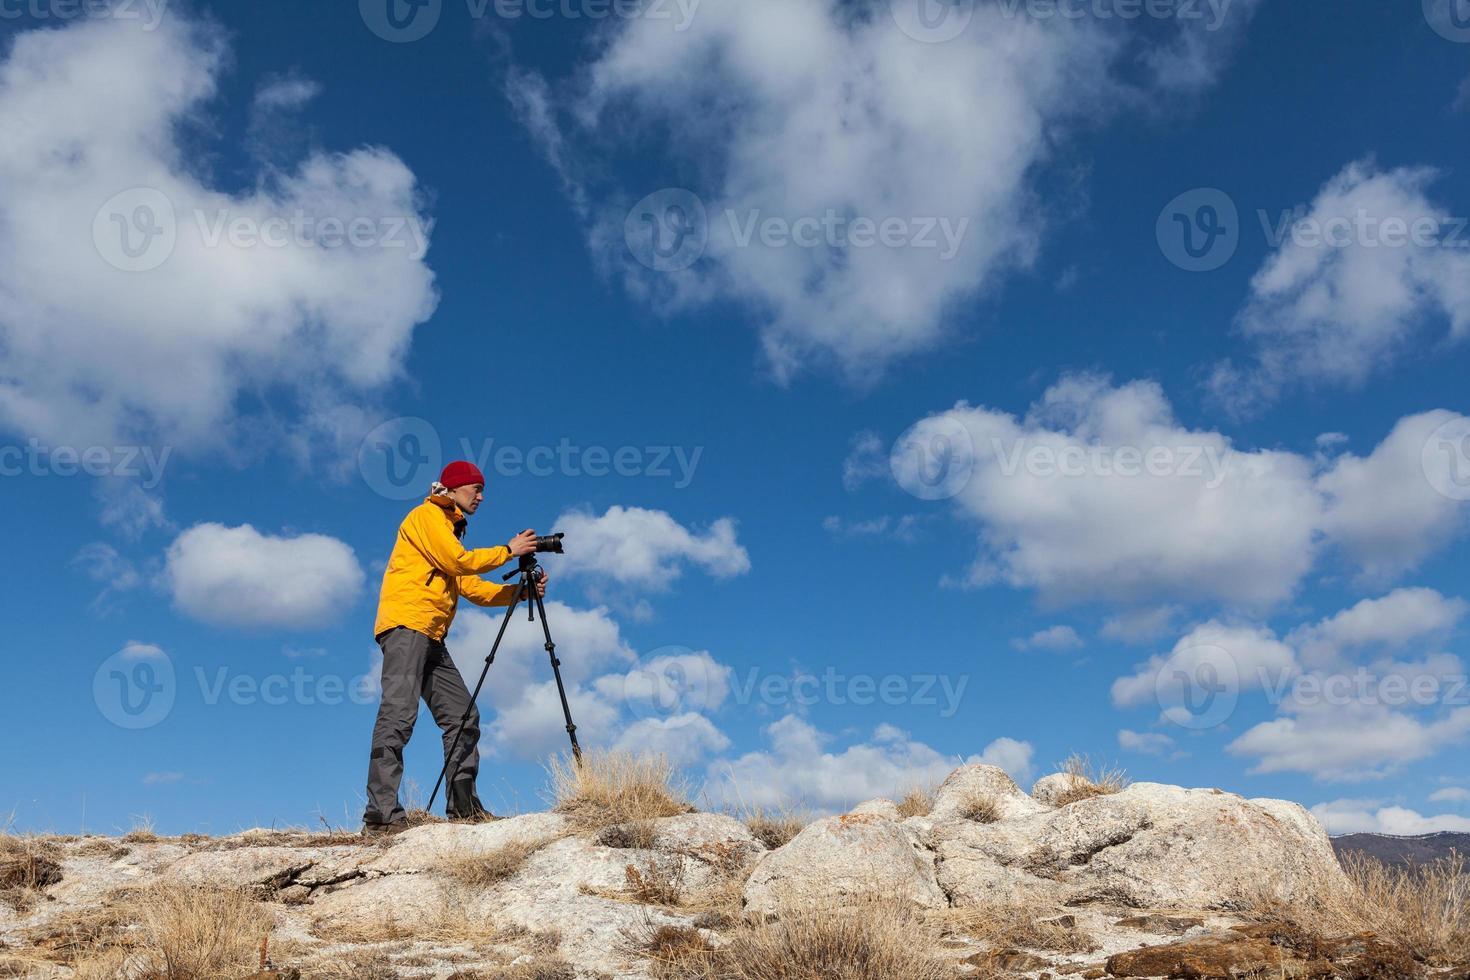 il fotografo sta scattando una foto